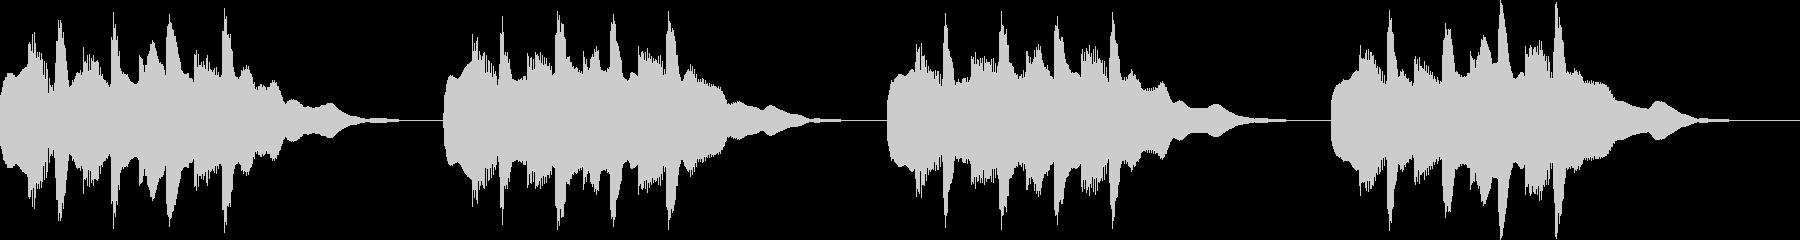 オーソドックスメロディアス着信音3の未再生の波形